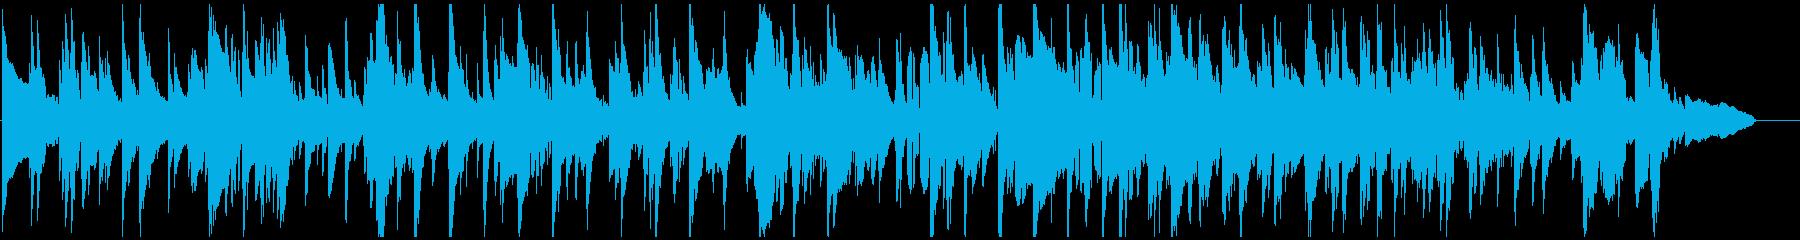 渋いテナーサックスの哀愁系ジャズバラードの再生済みの波形